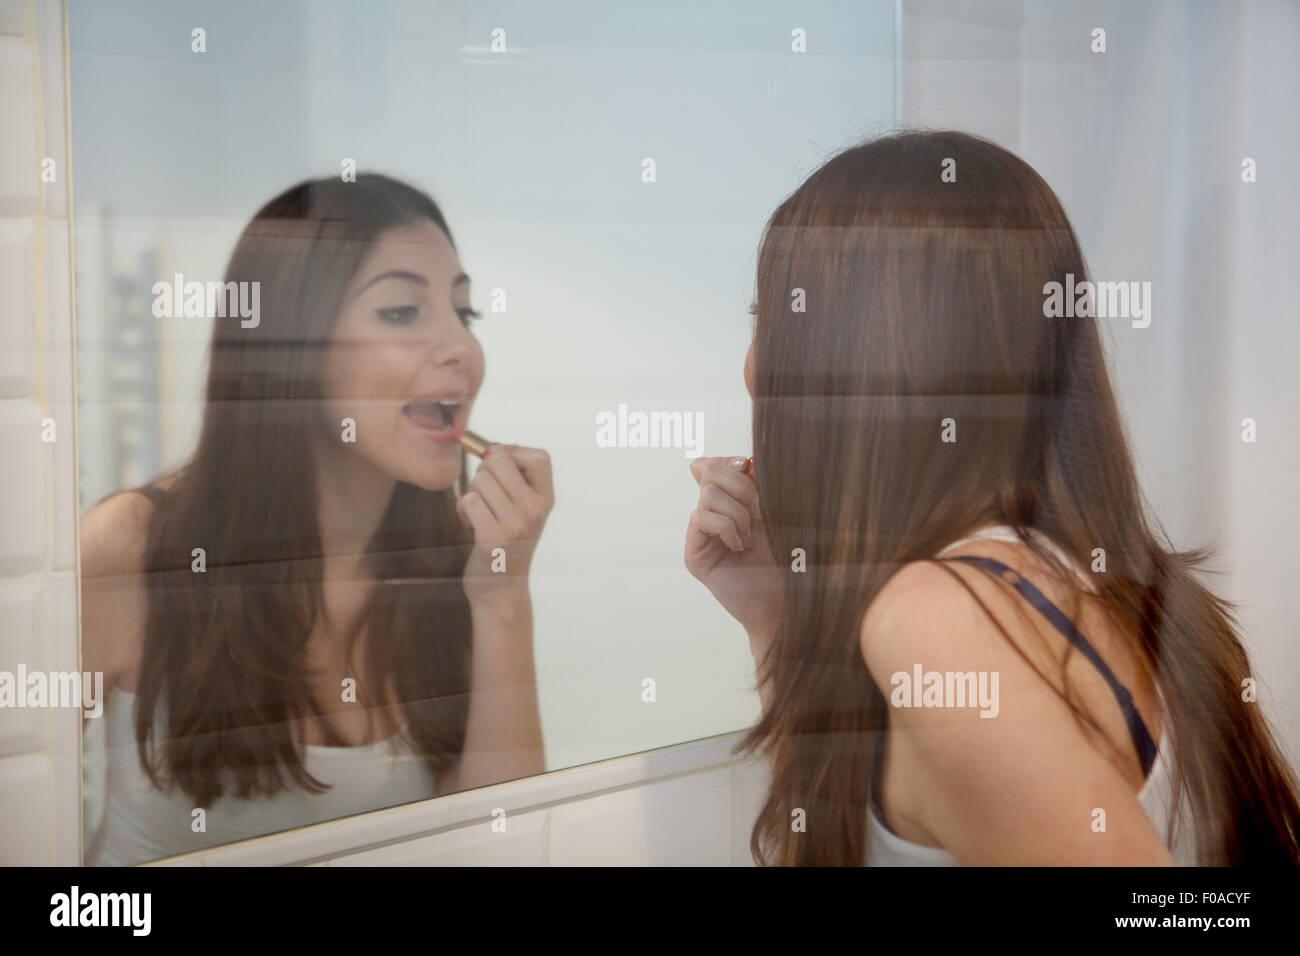 Junge Frau Anwendung machen sich im Spiegel Stockbild